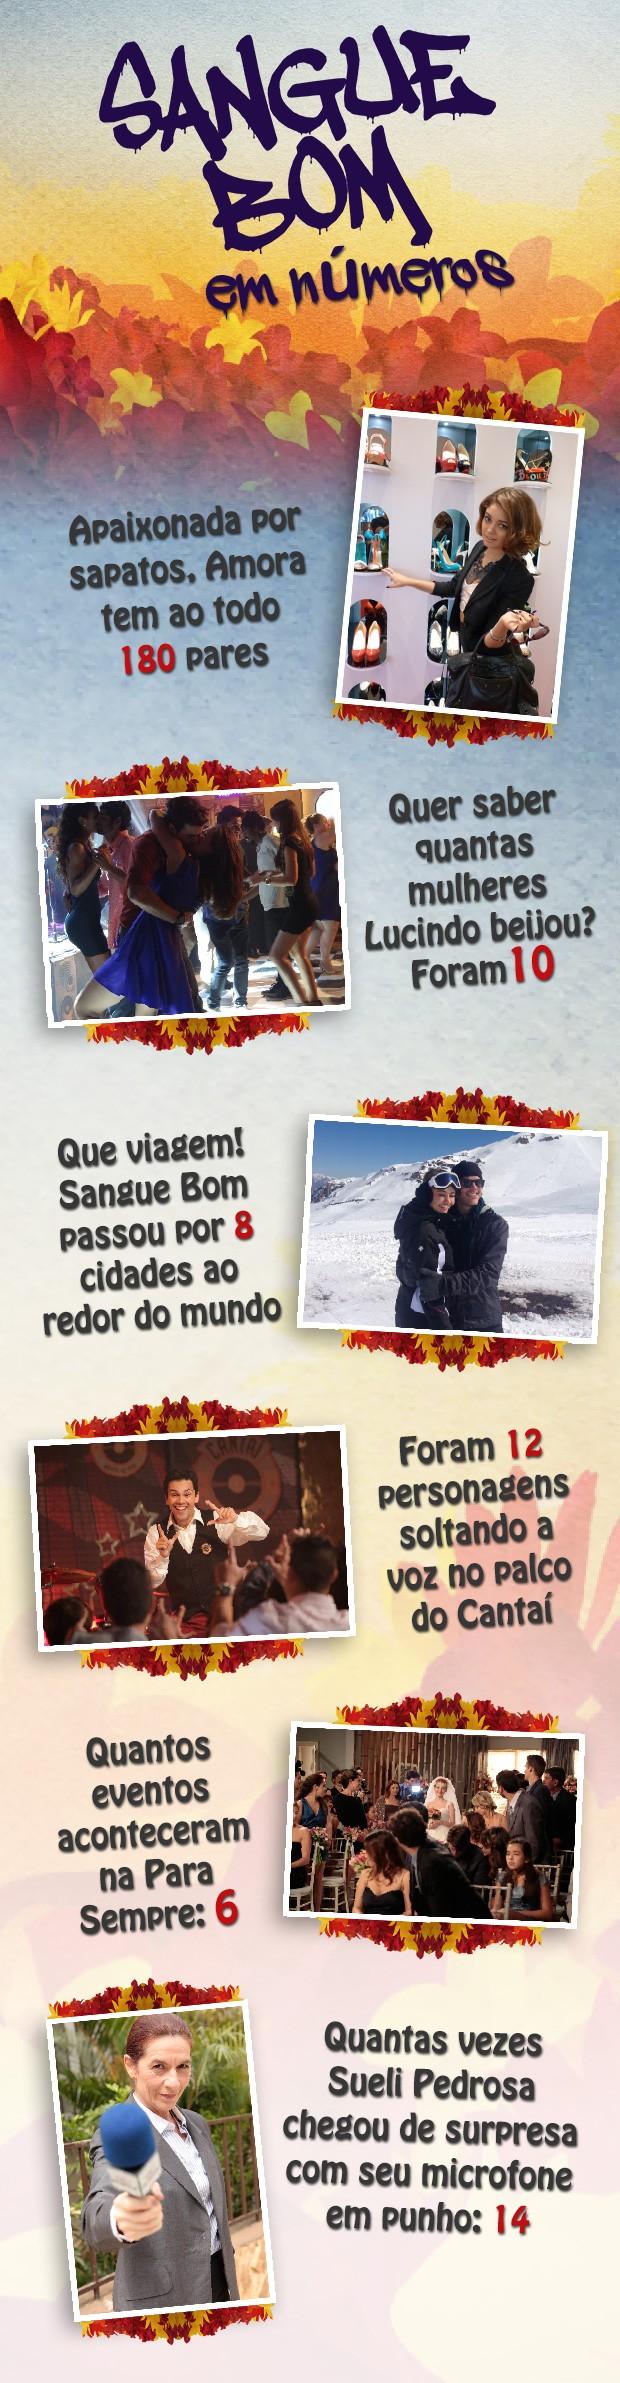 JPEG - Números de Sangue Bom (Foto: Sangue Bom / TV Globo)